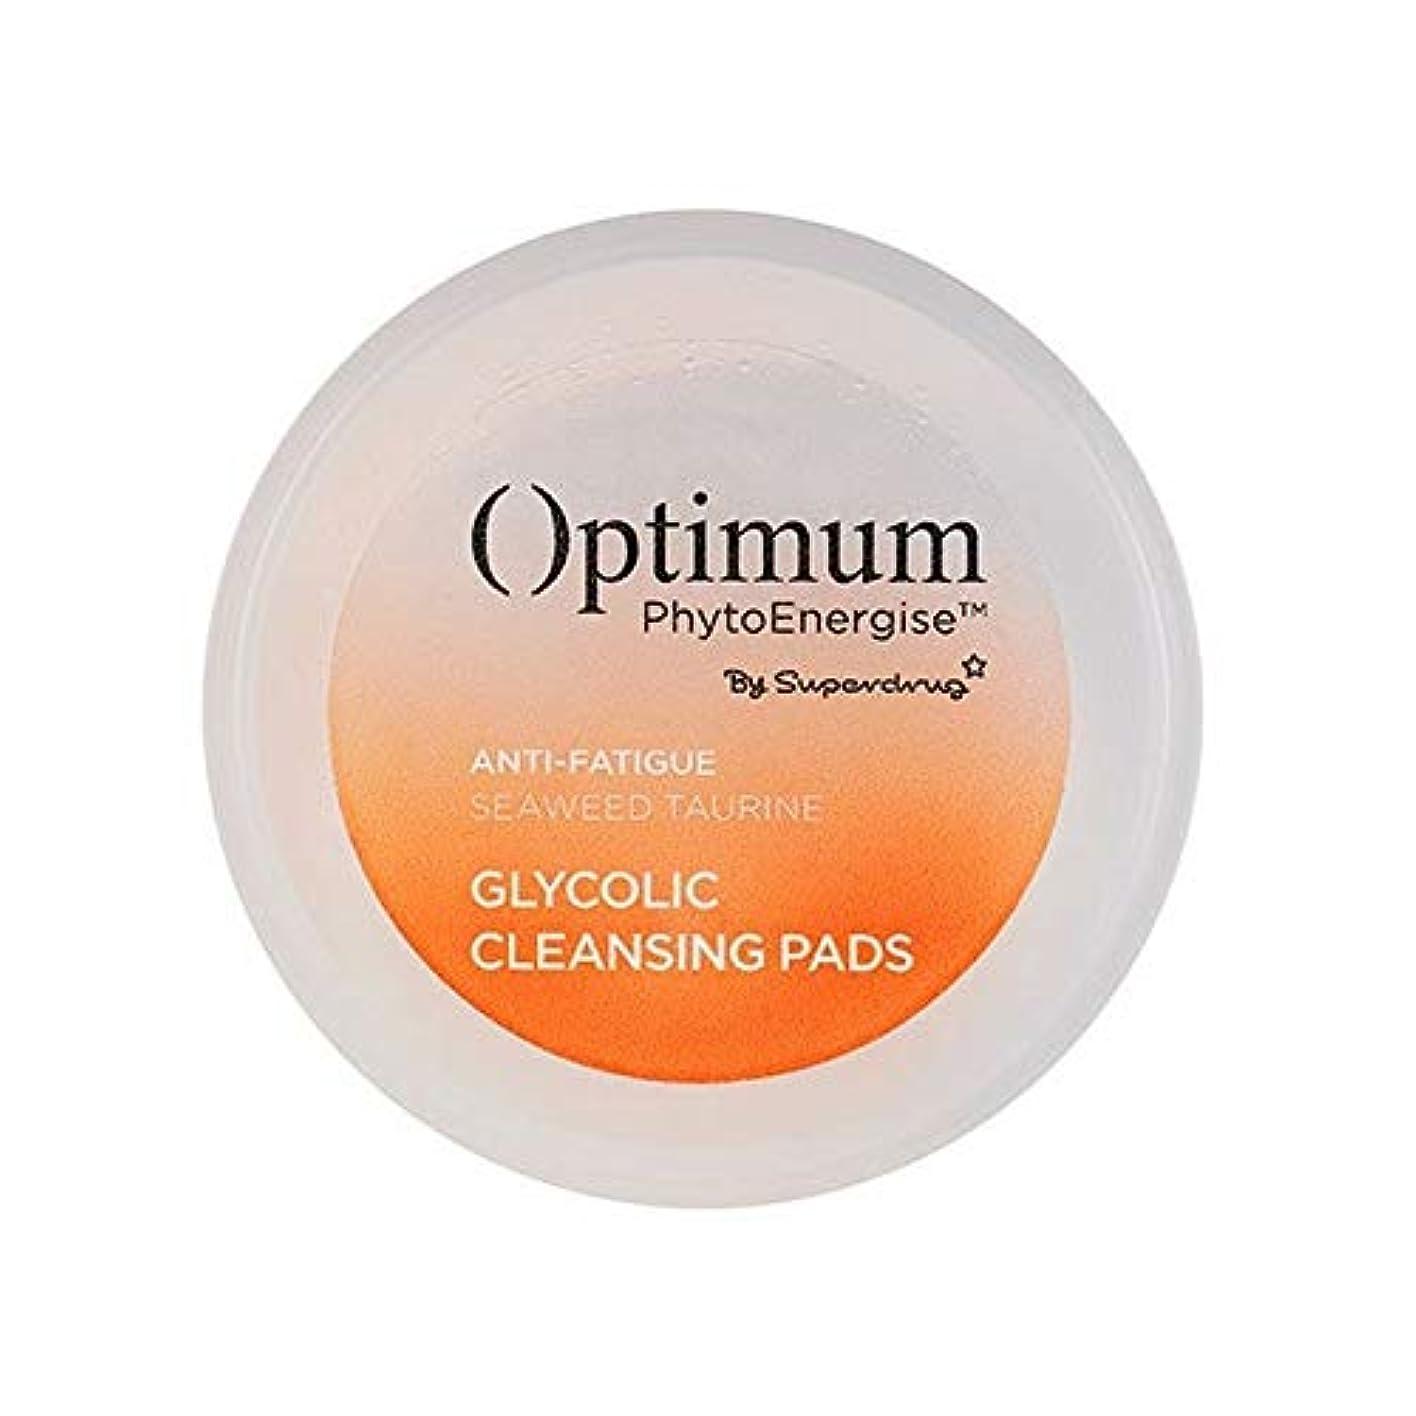 裁量強調慈悲深い[Optimum ] 最適Phytoenergiseグリコールクレンジングパッド - Optimum PhytoEnergise Glycolic Cleansing Pads [並行輸入品]